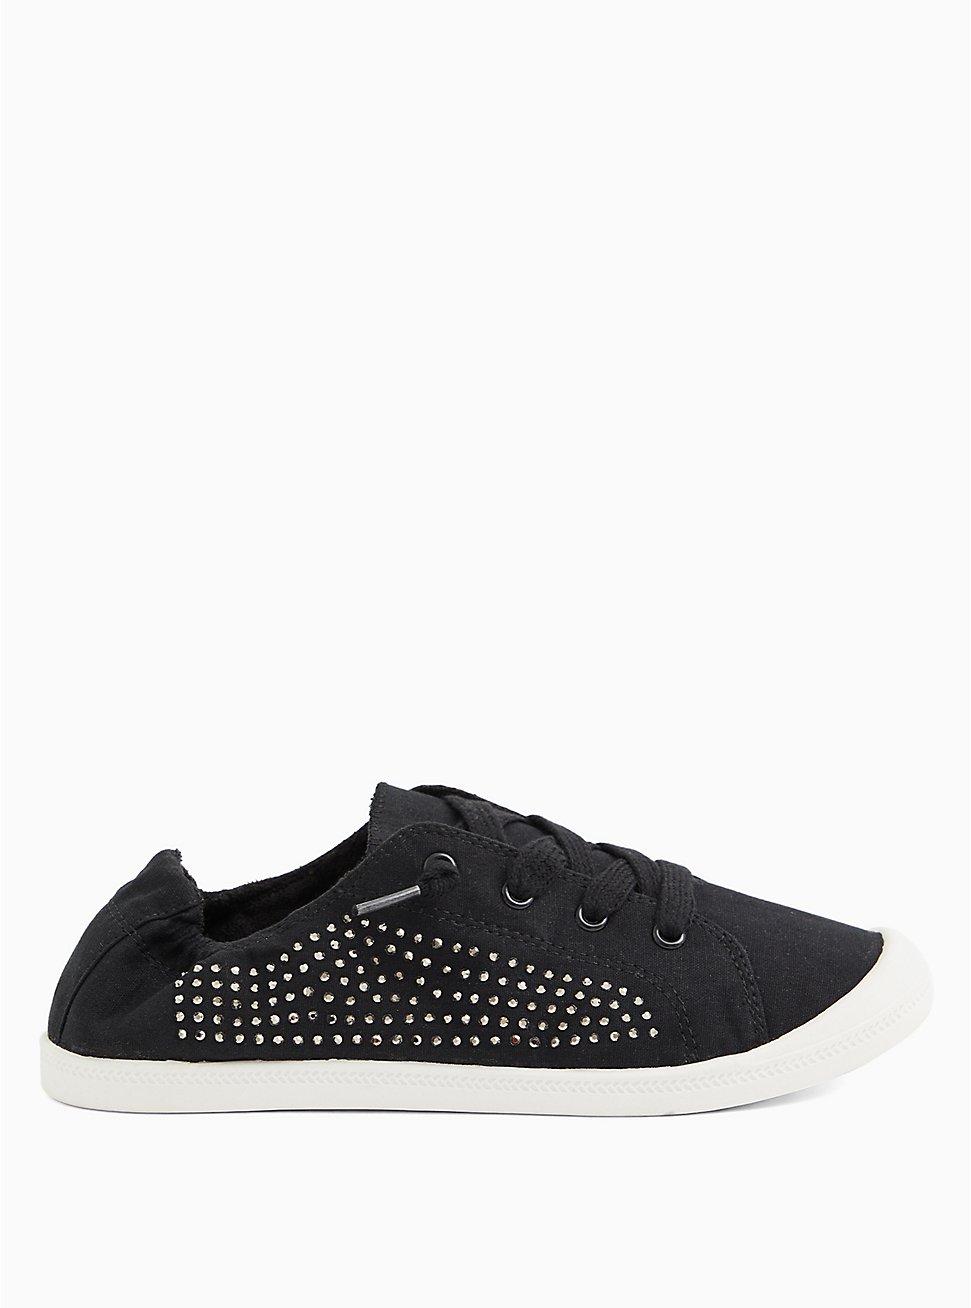 Riley - Black Embellished Ruched Sneaker (WW), BLACK, hi-res